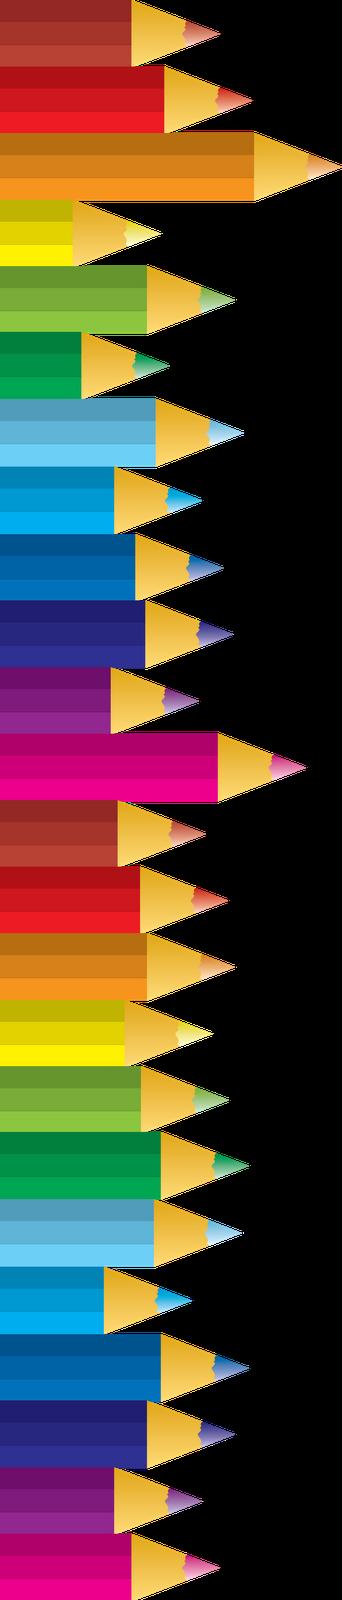 342x1600 Czeshop Images Pencil Designs For Border